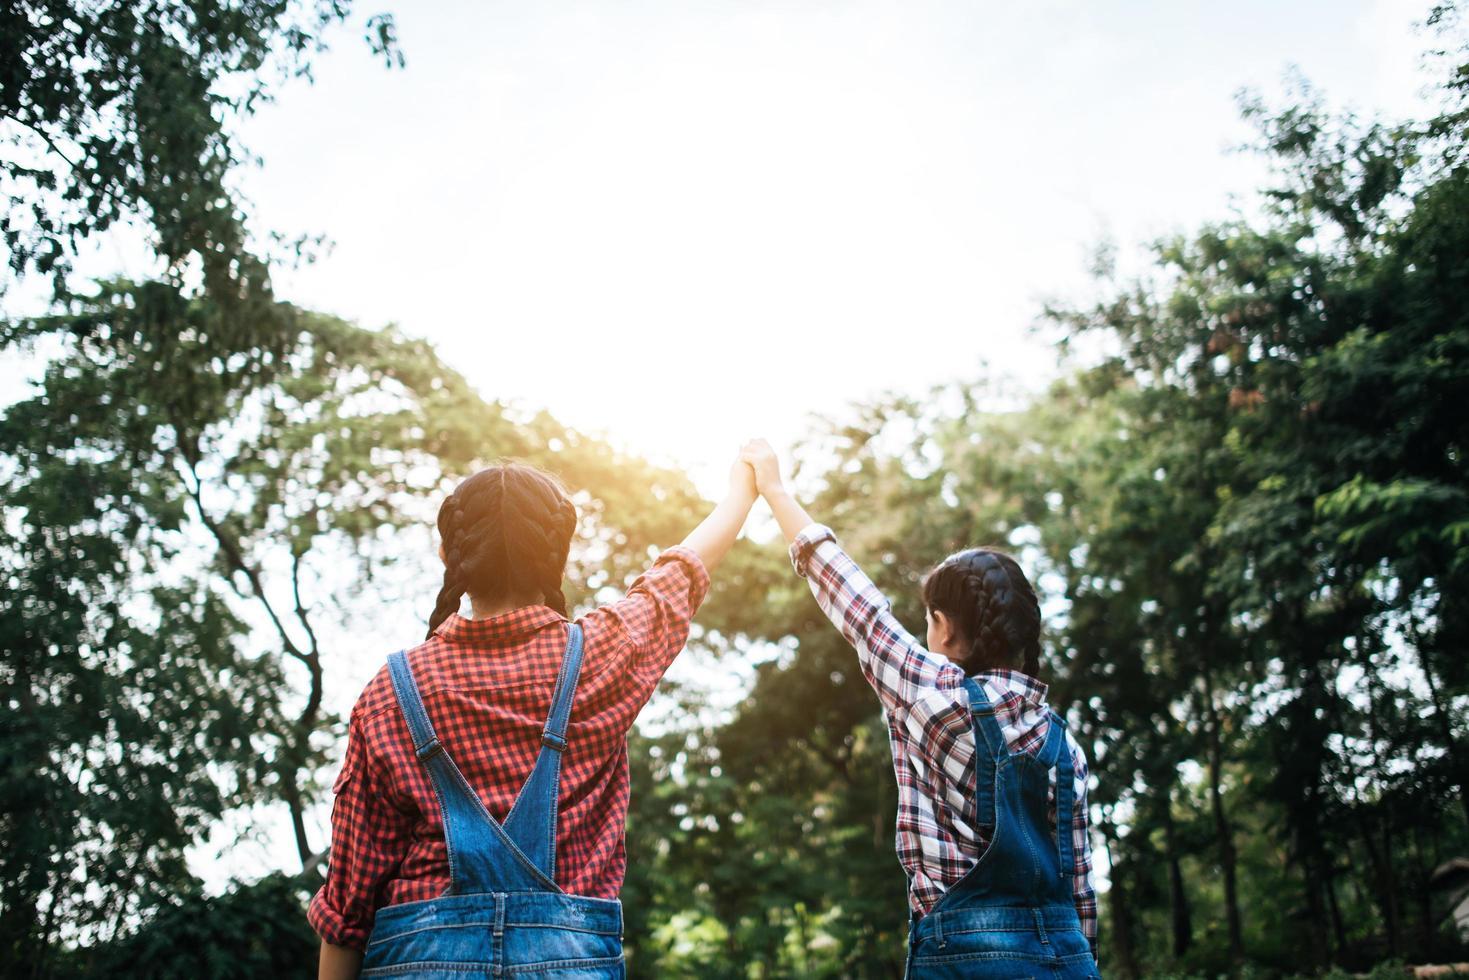 due giovani amiche alzando le mani in aria foto